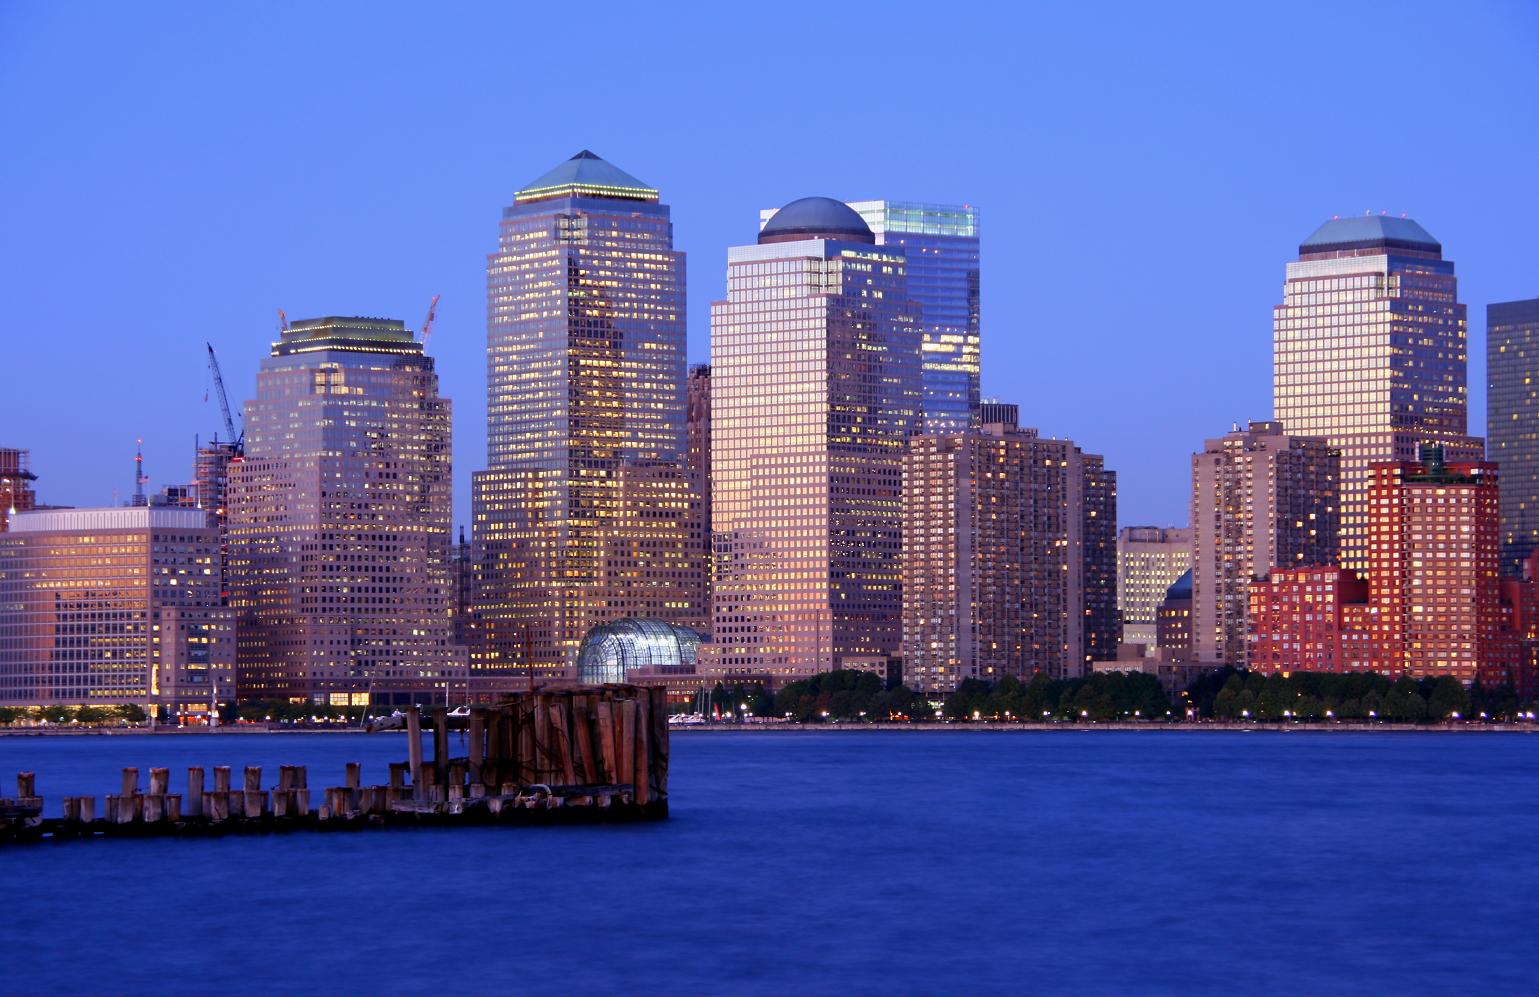 世界金融中心 (紐約市) - 維基百科。自由的百科全書